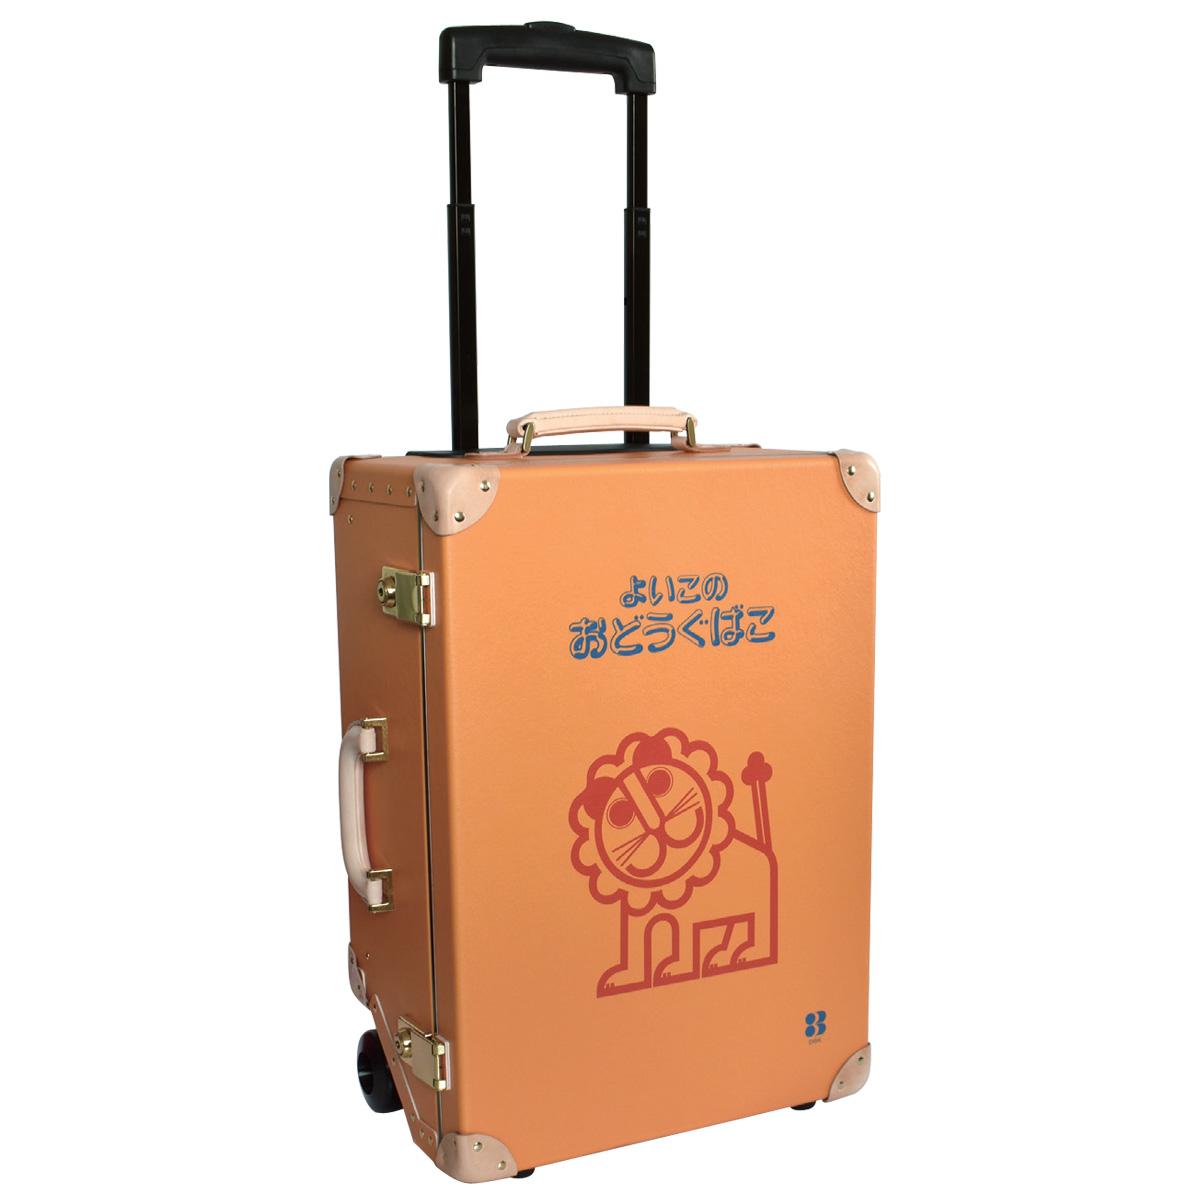 よいこのおどうぐばこ キャリーバッグ スーツケース 1年保証 機内持ち込み 2泊3日 ライオン柄 らいおん かわいい 人気 デビカ